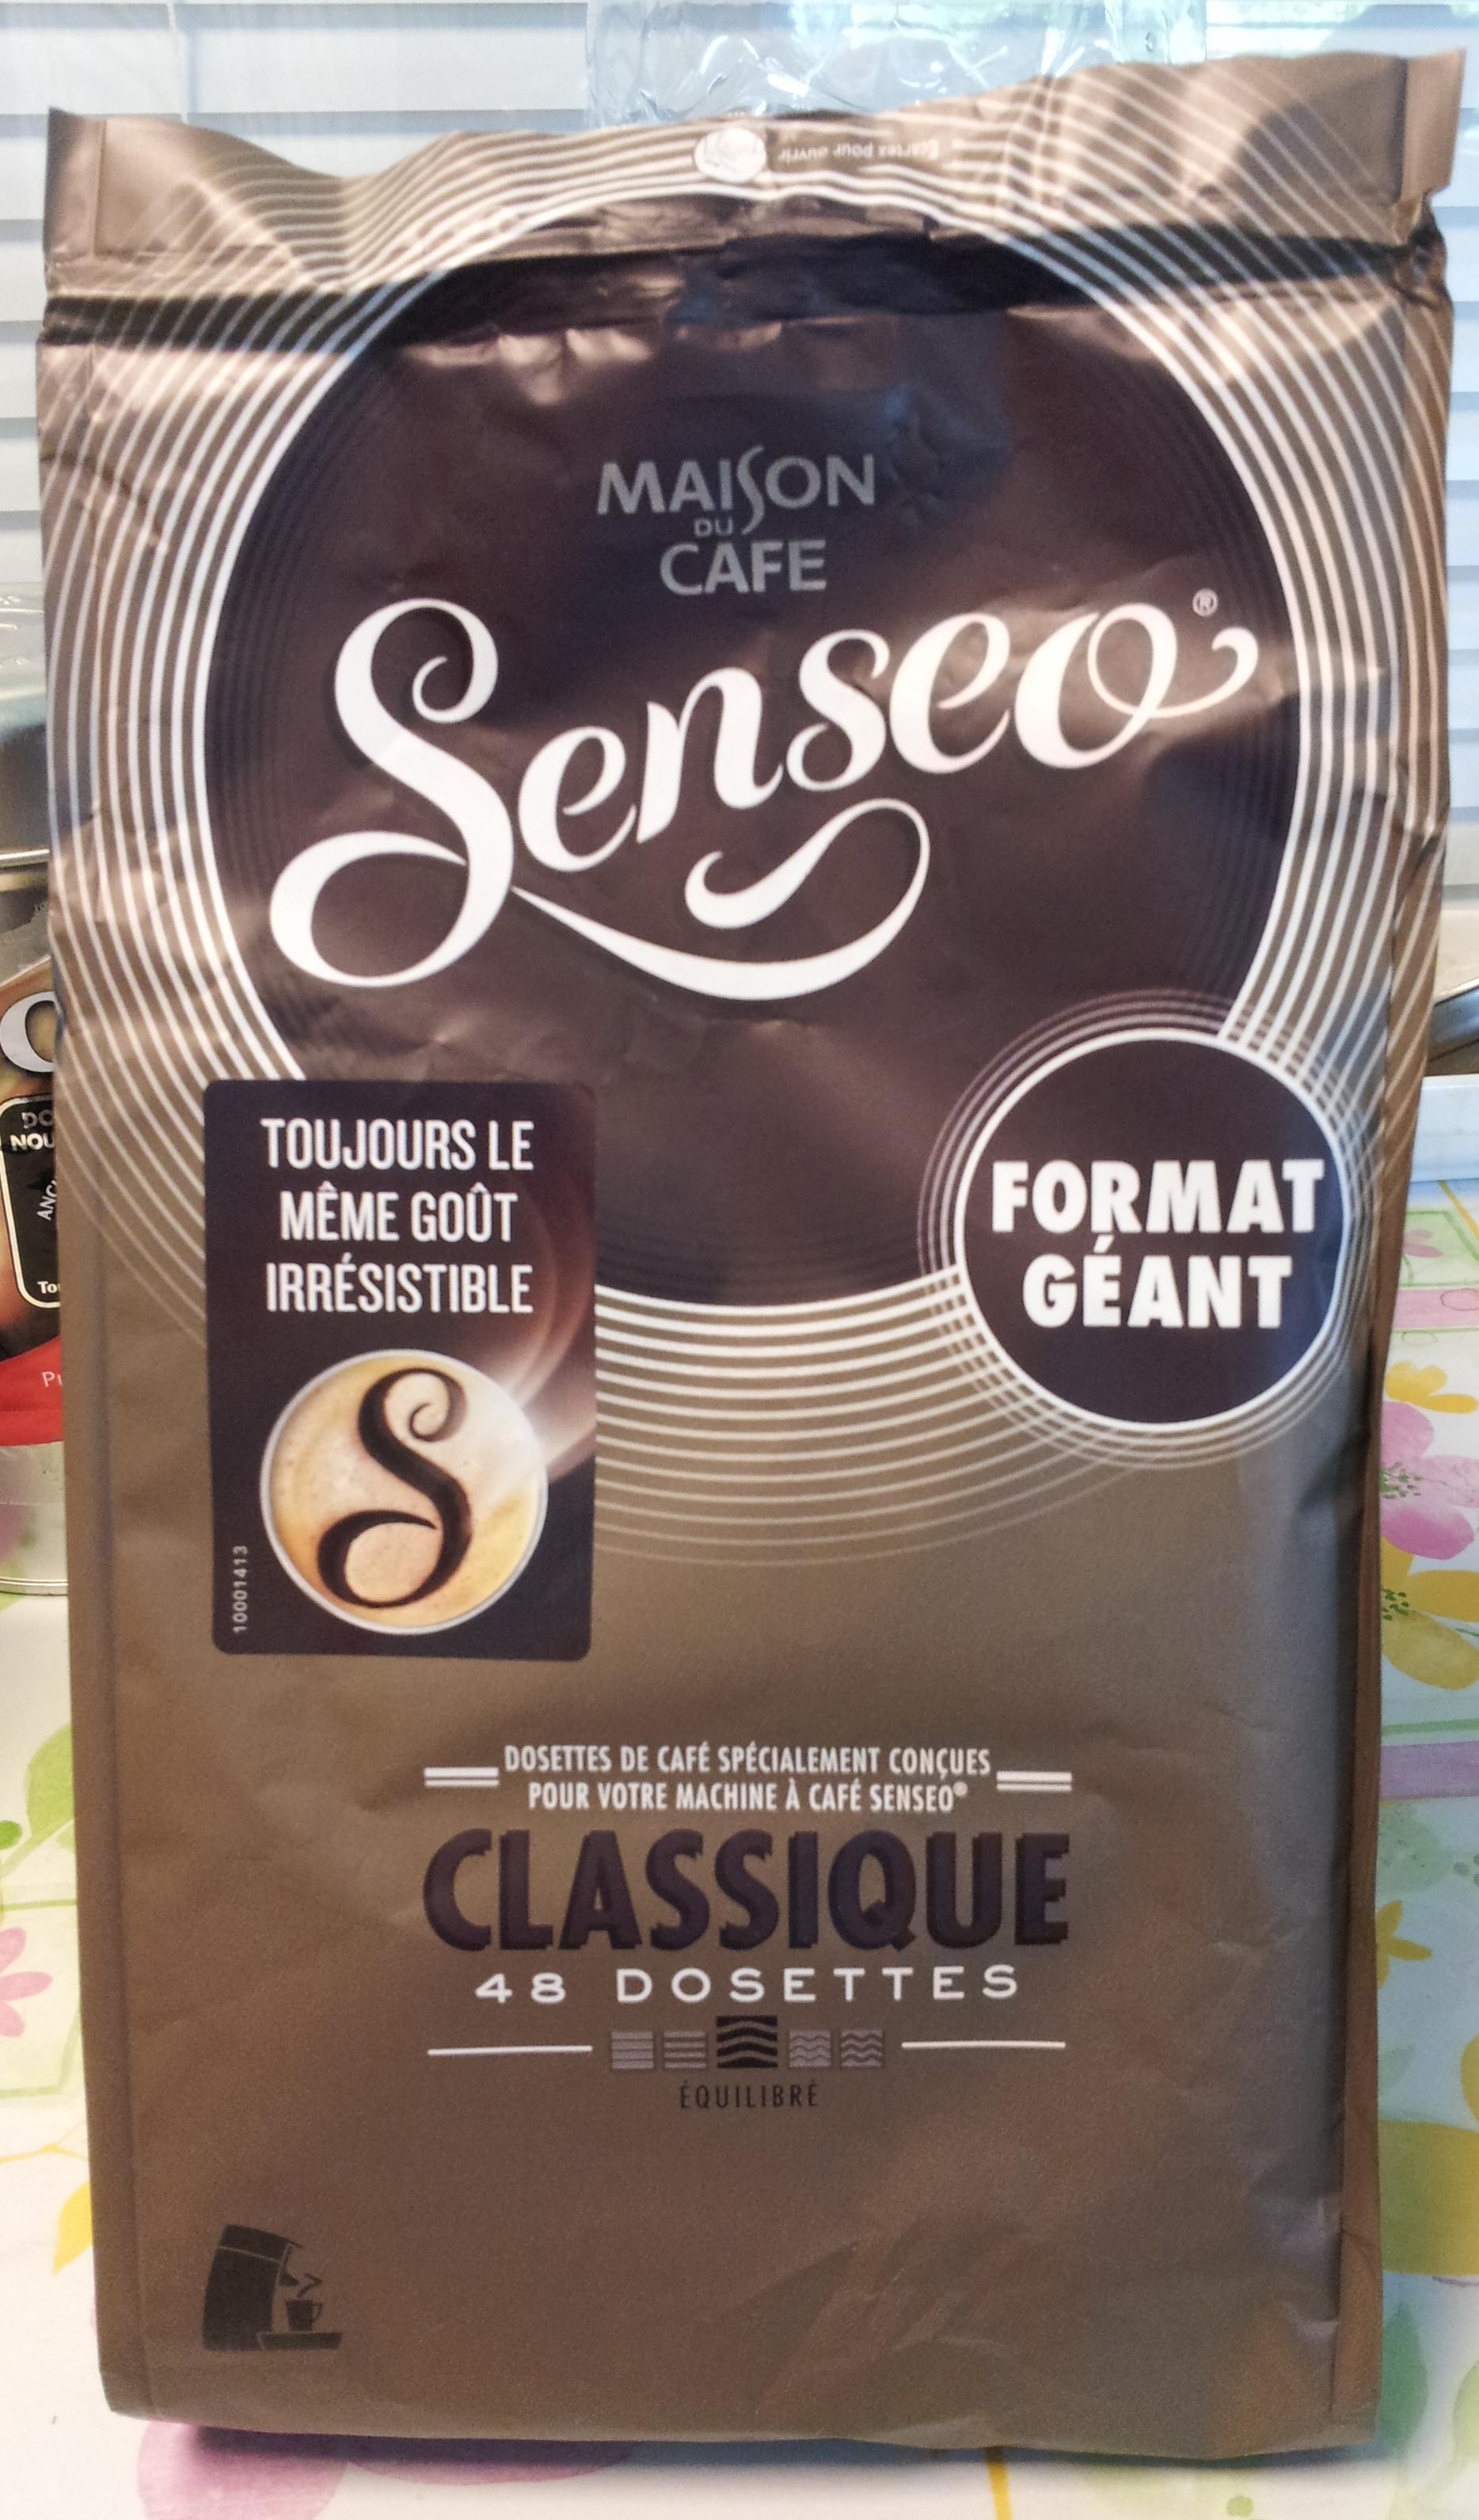 senseo classique maison du caf 48 dosettes 333 g. Black Bedroom Furniture Sets. Home Design Ideas